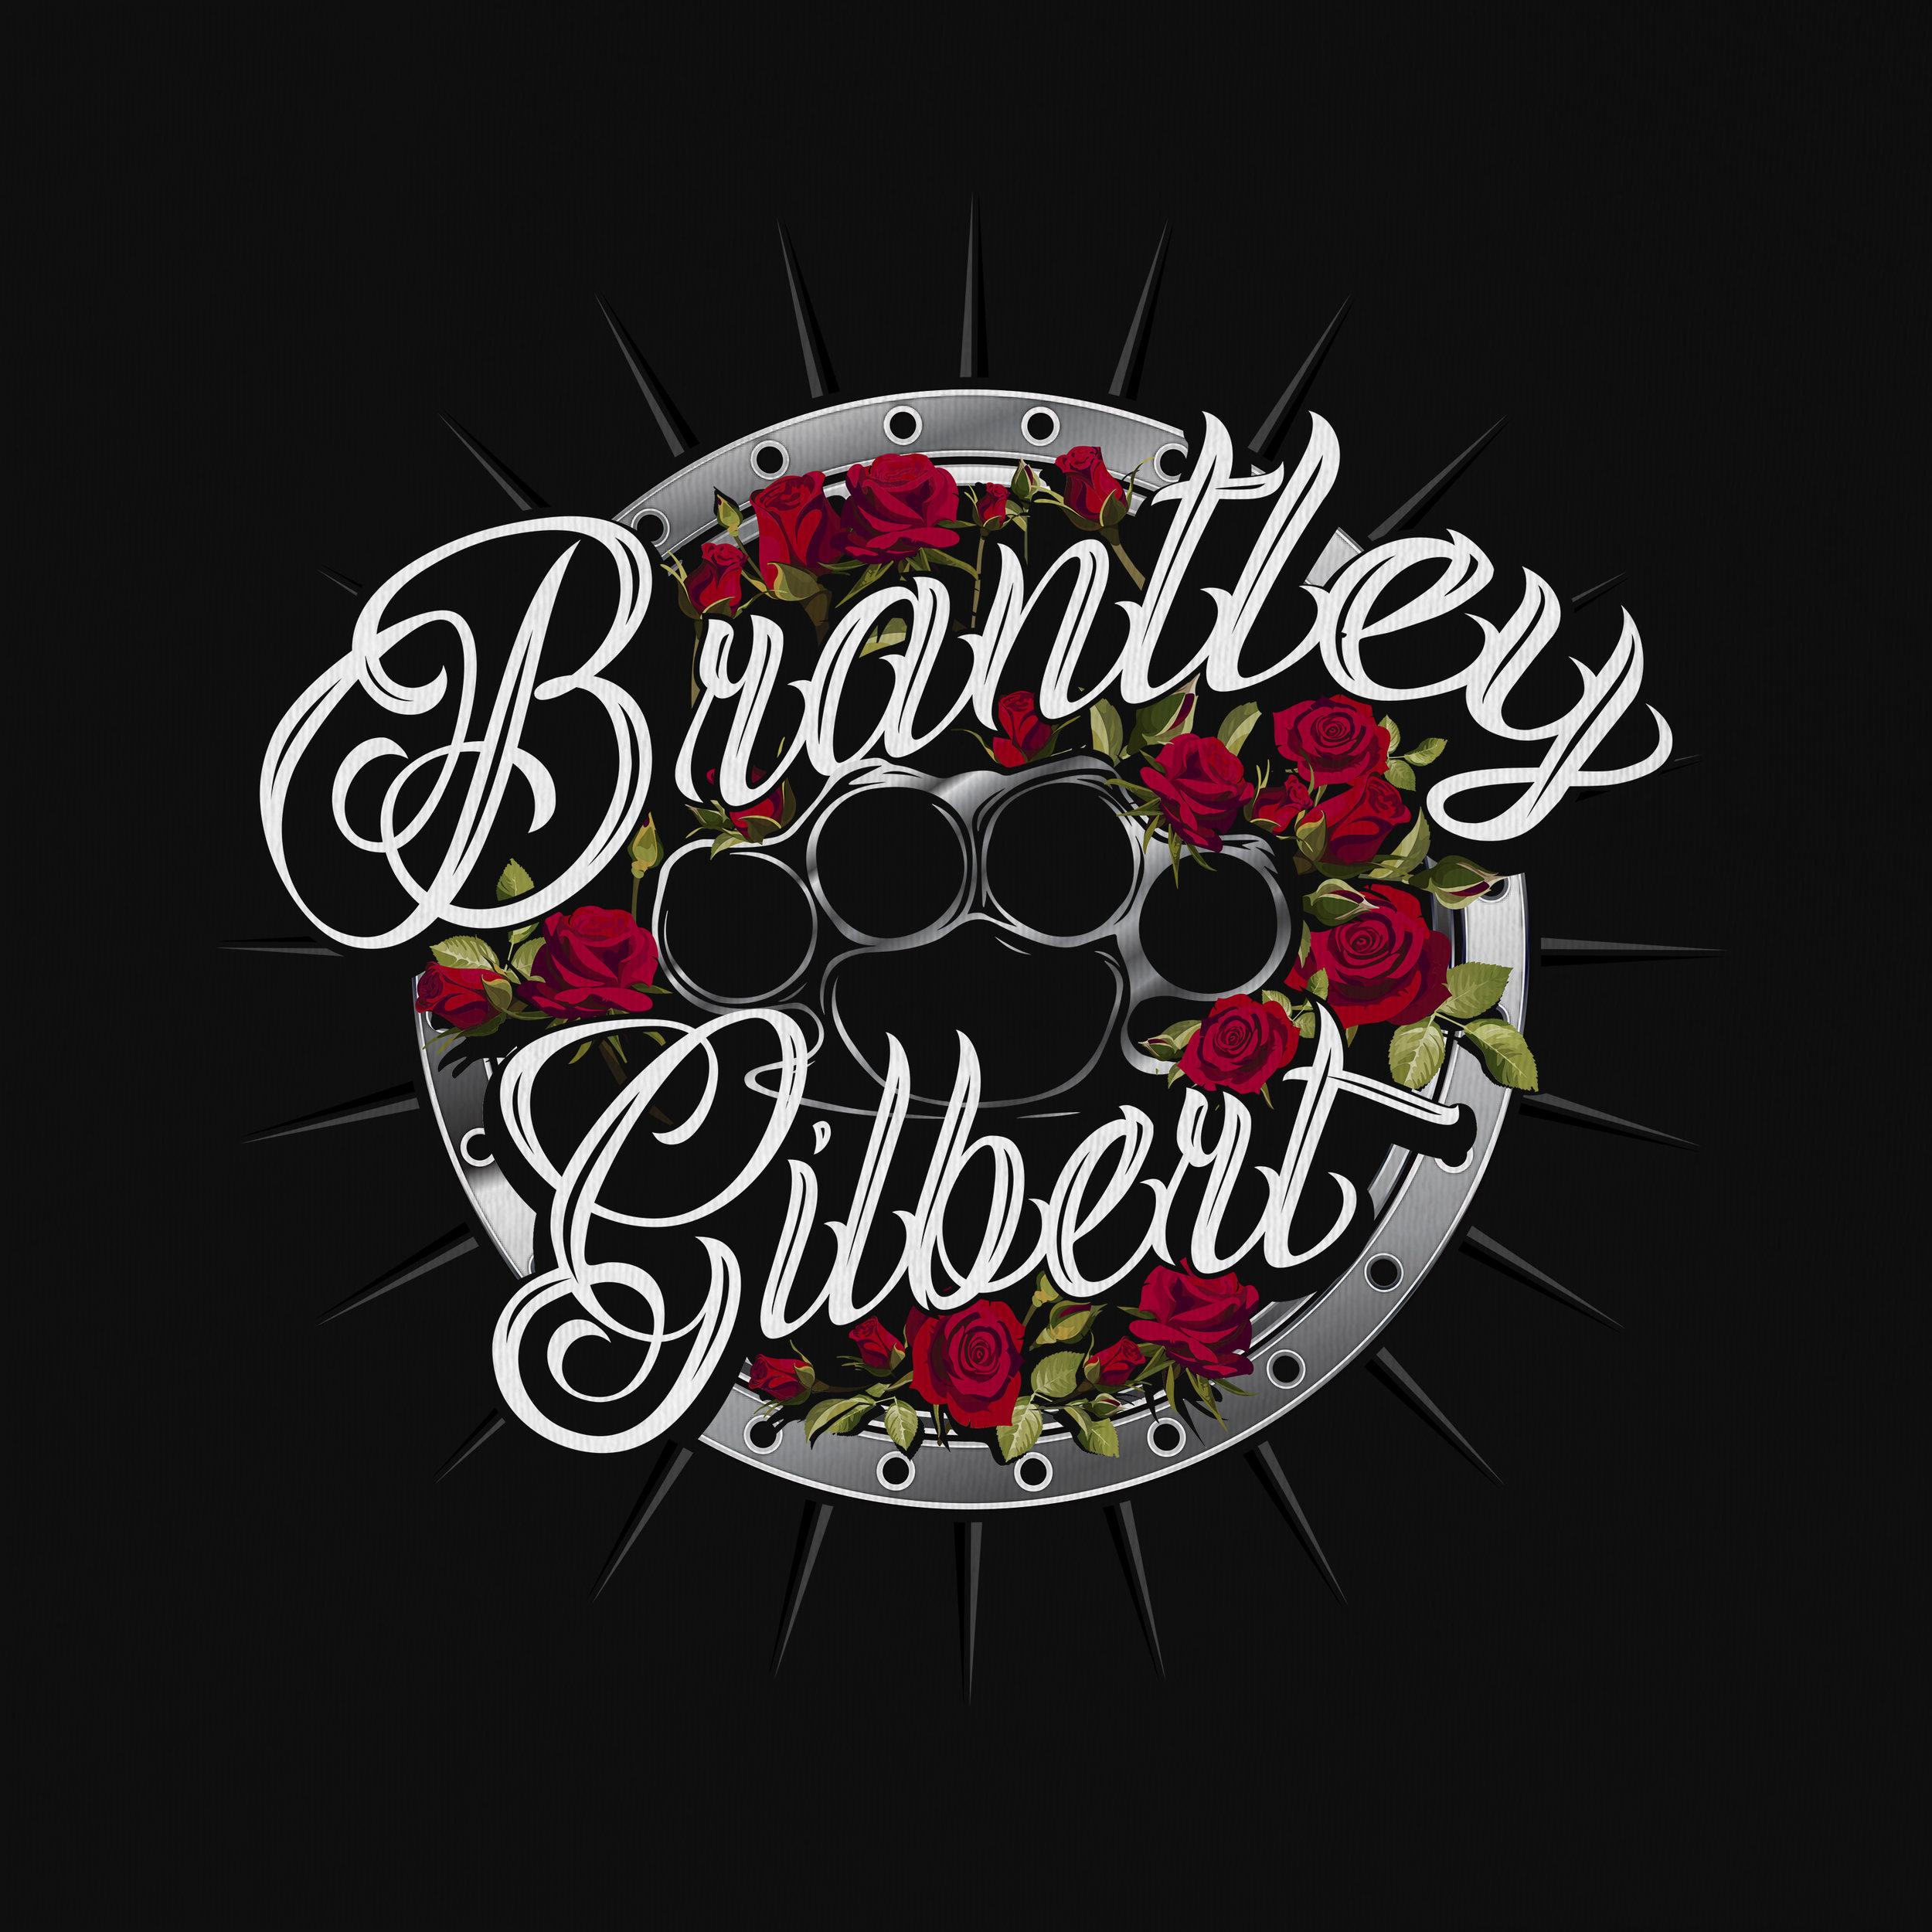 brantley-gilbert-rose-knuckles.jpg